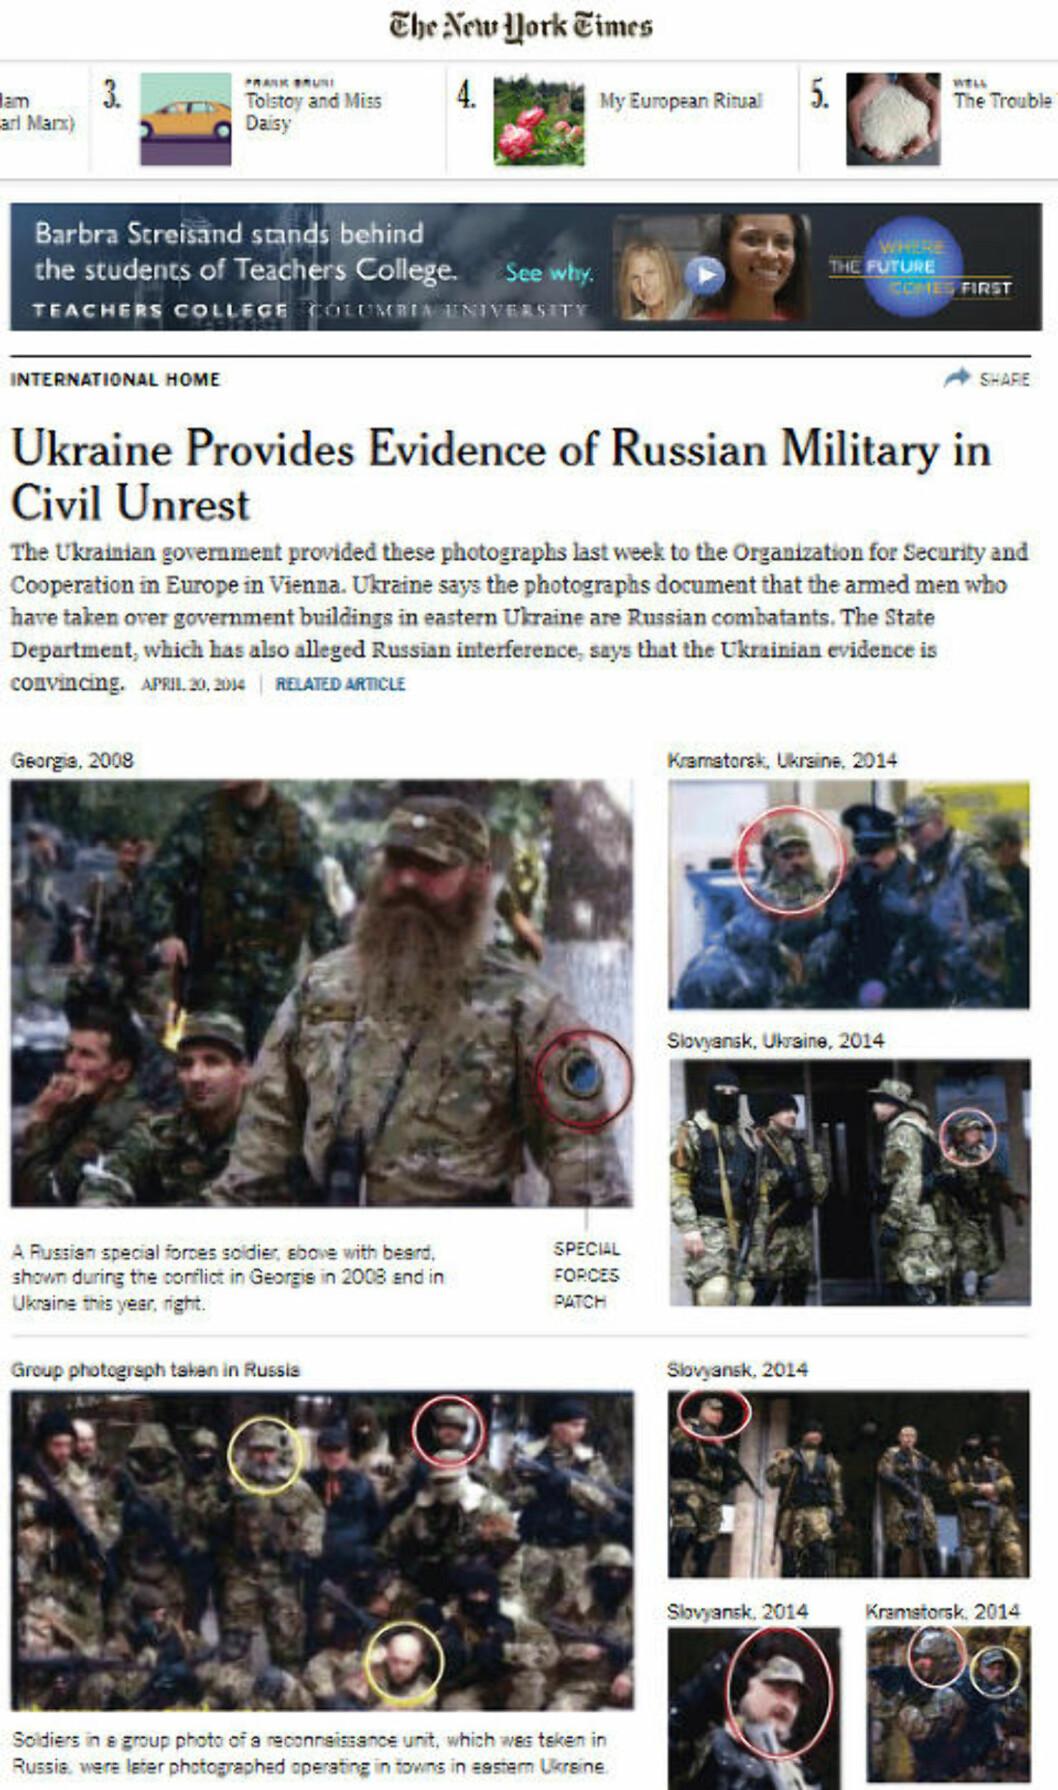 <strong>STØTTES I USA:</strong> Slik er bildebevisene presentert, bla. i avisa The New York Times. USAs utenriksdepartement har selv kommentert saken, og mener bildene er troverdig bevis på russisk innblanding. Faksimile: NYtimes.com